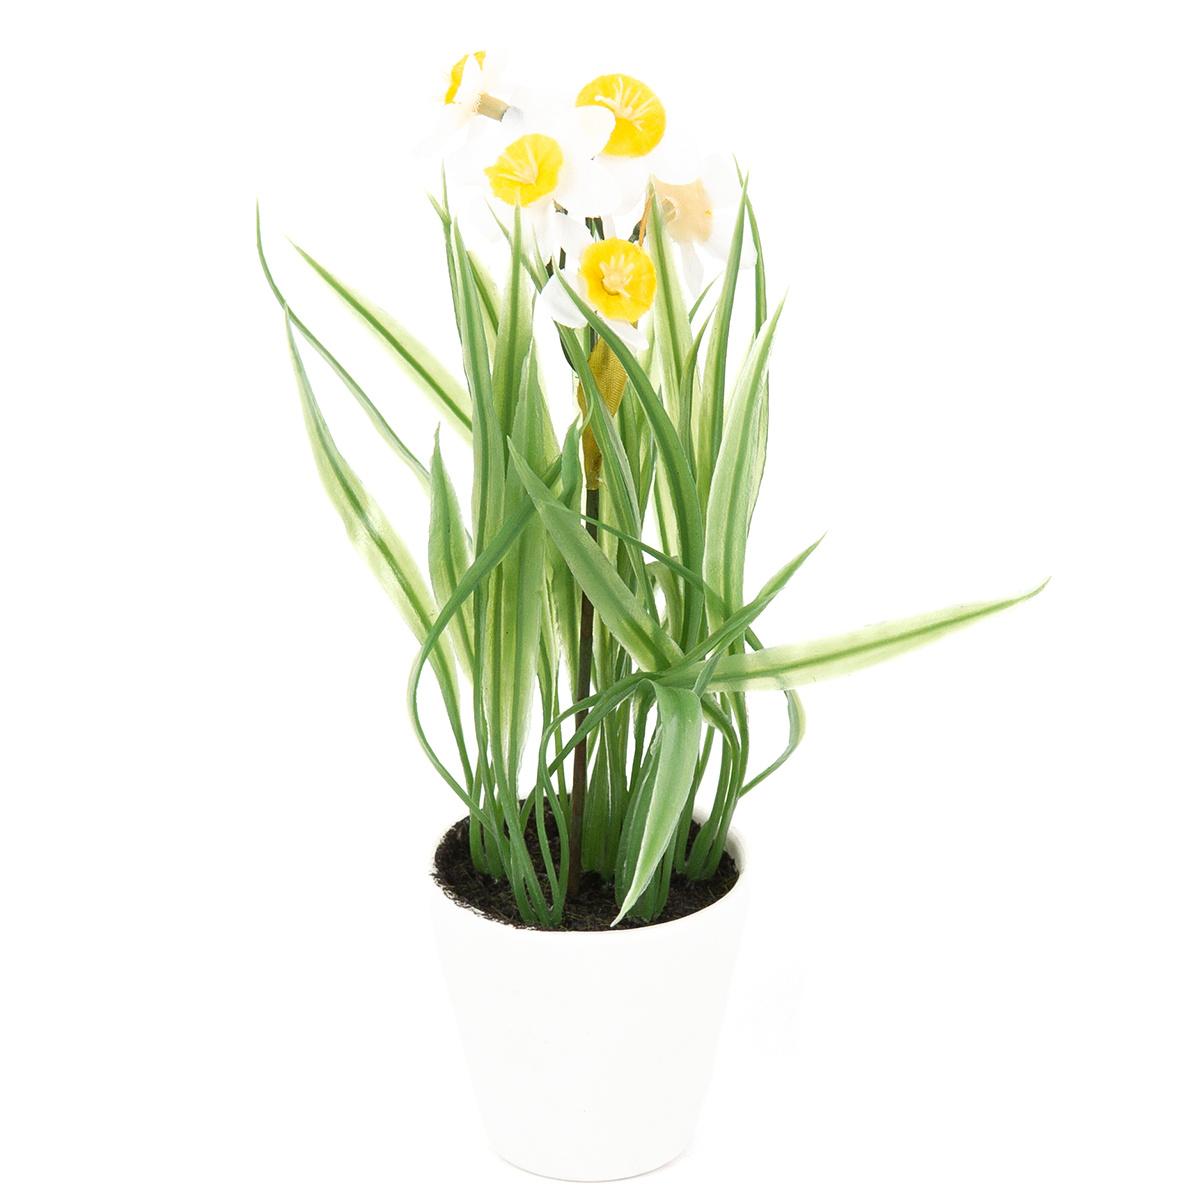 Umělá květina Narcis v květináči bílá, 22 cm